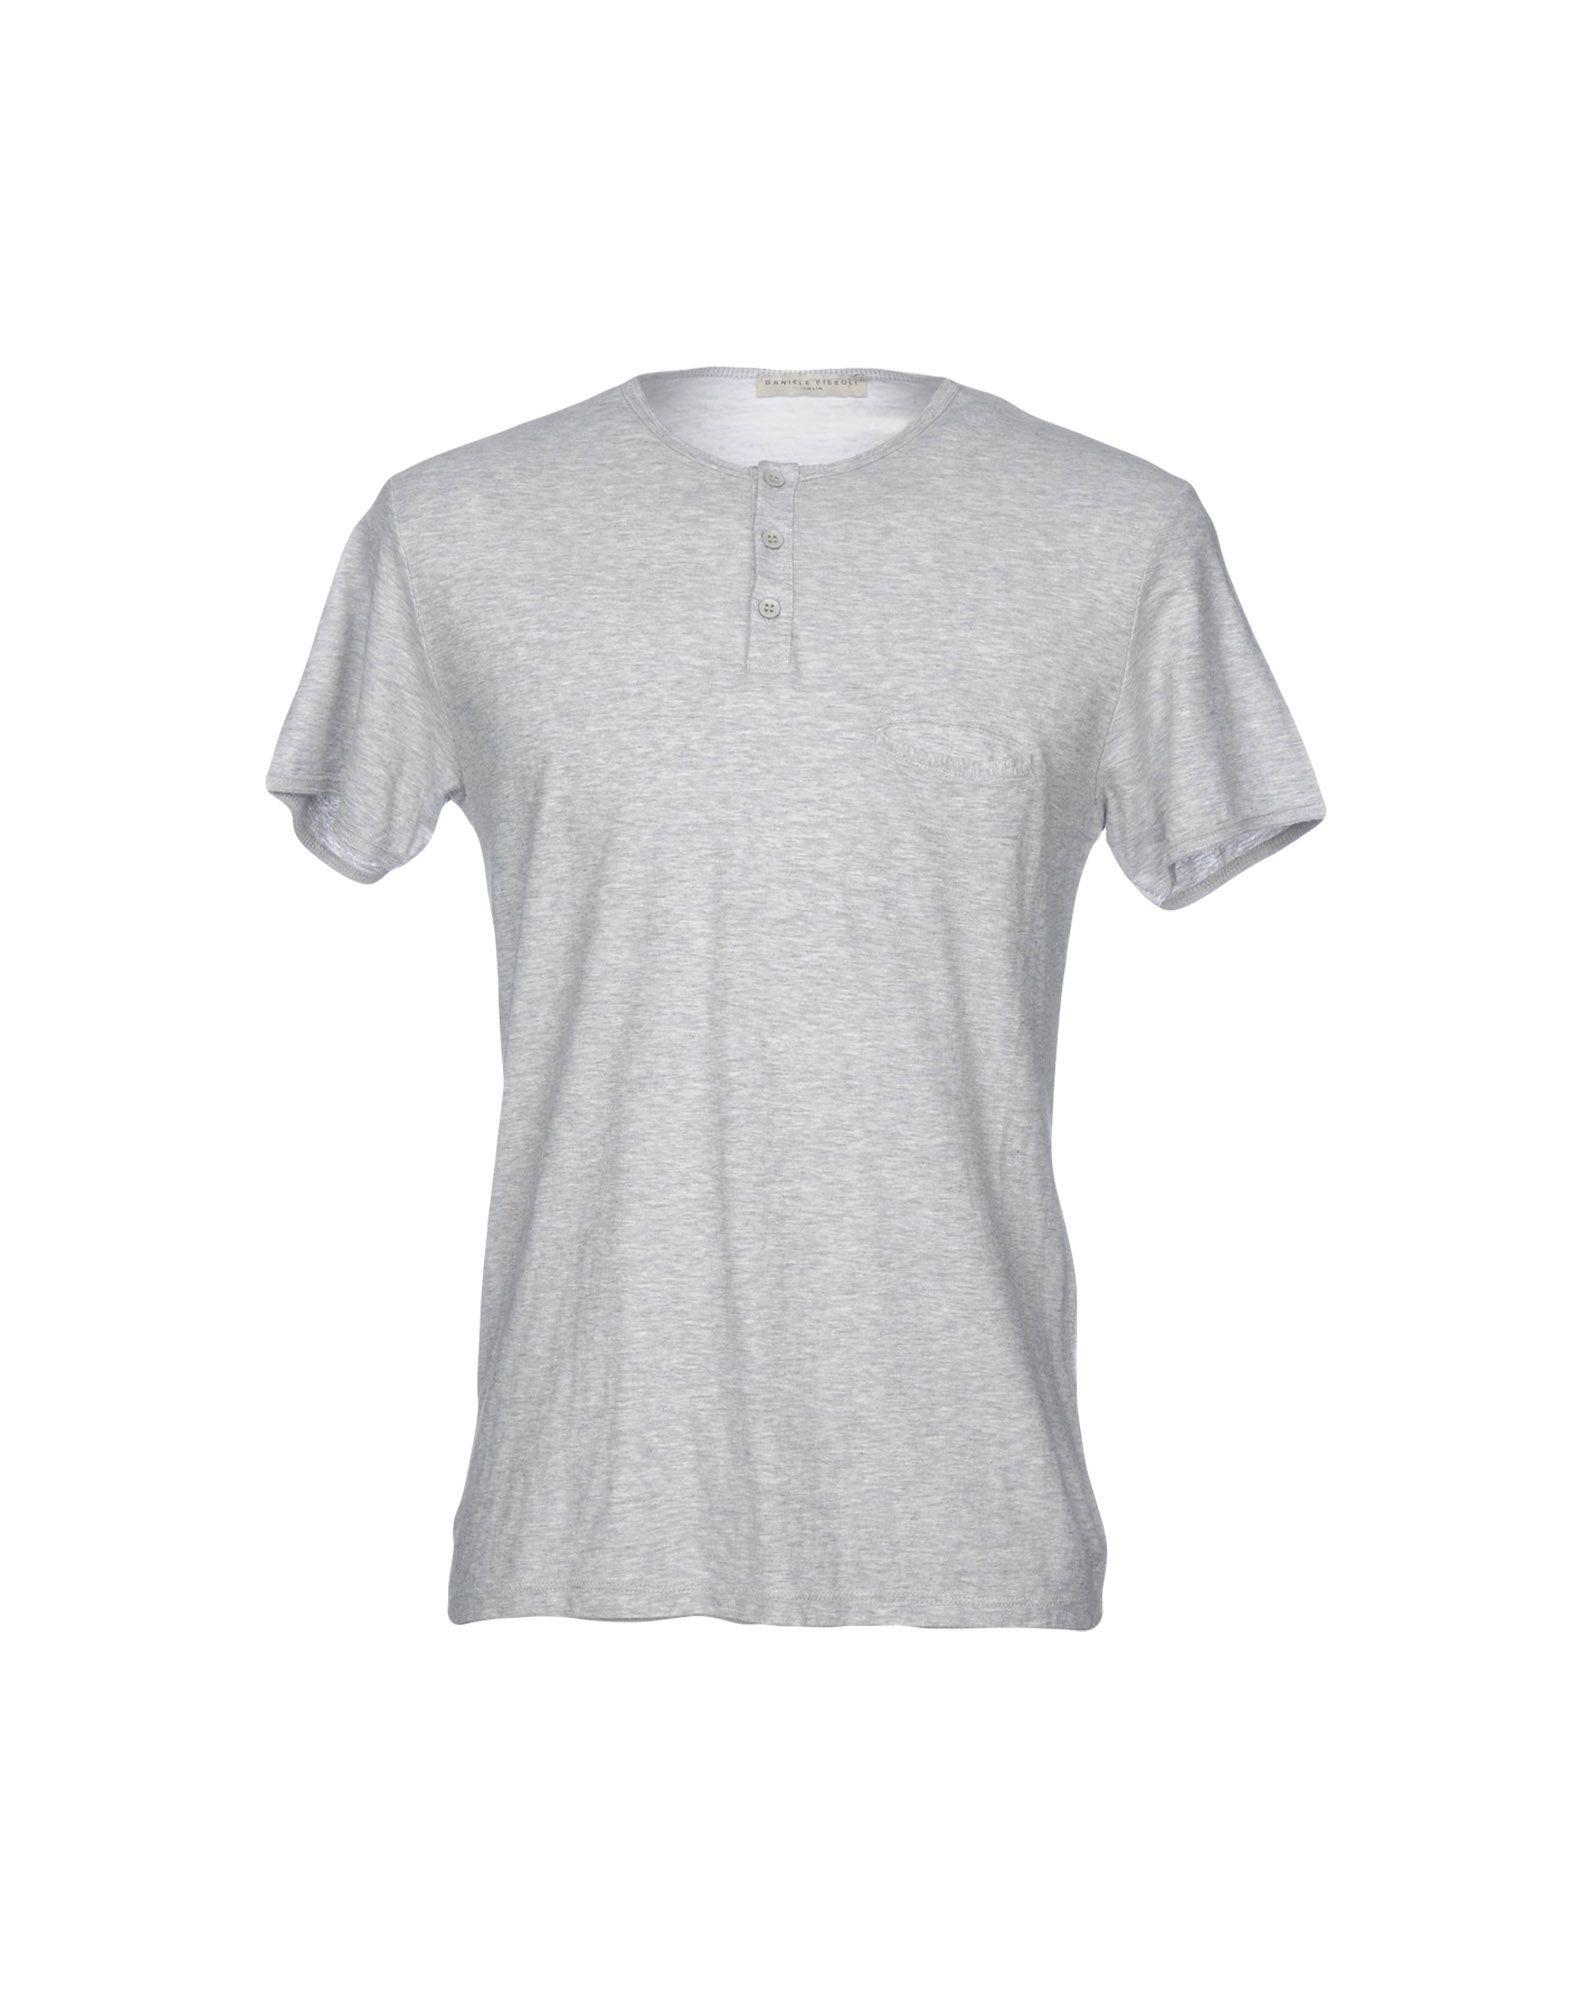 T-Shirt Daniele Fiesoli herren - 12196049CC